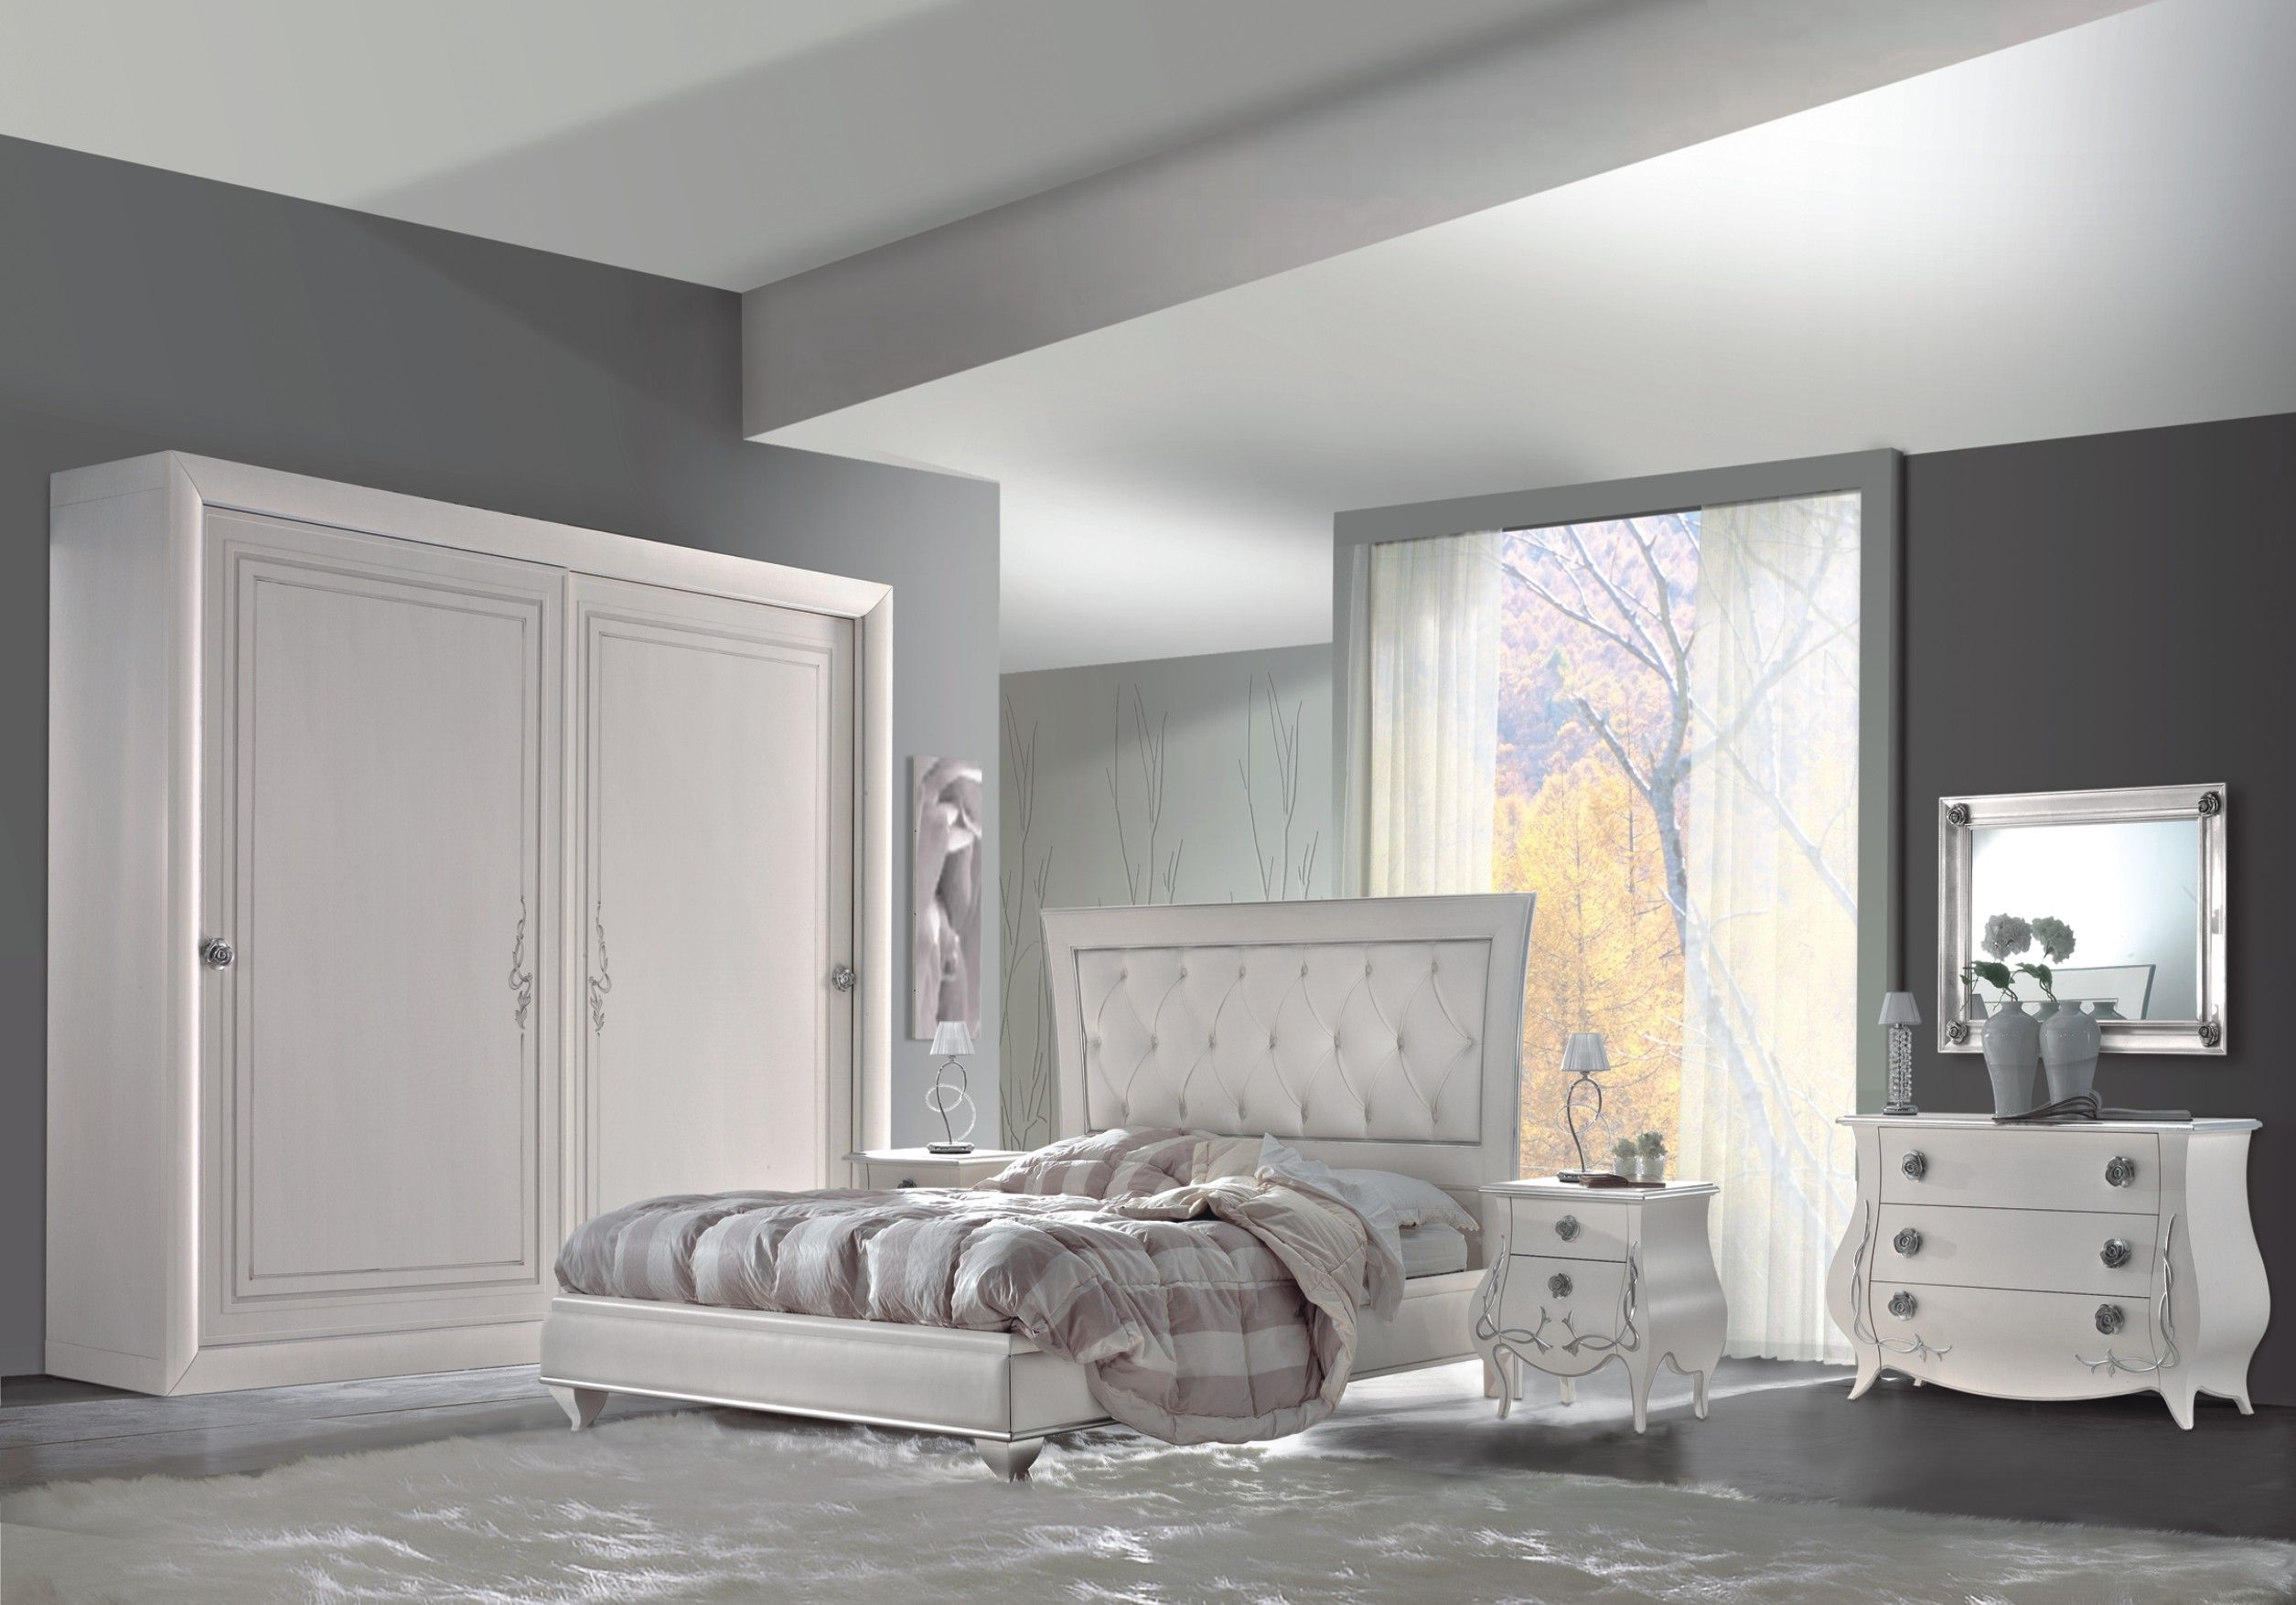 Camere Da Letto Foglia Argento : Camera da letto bianca e argento specchio con cornice argento